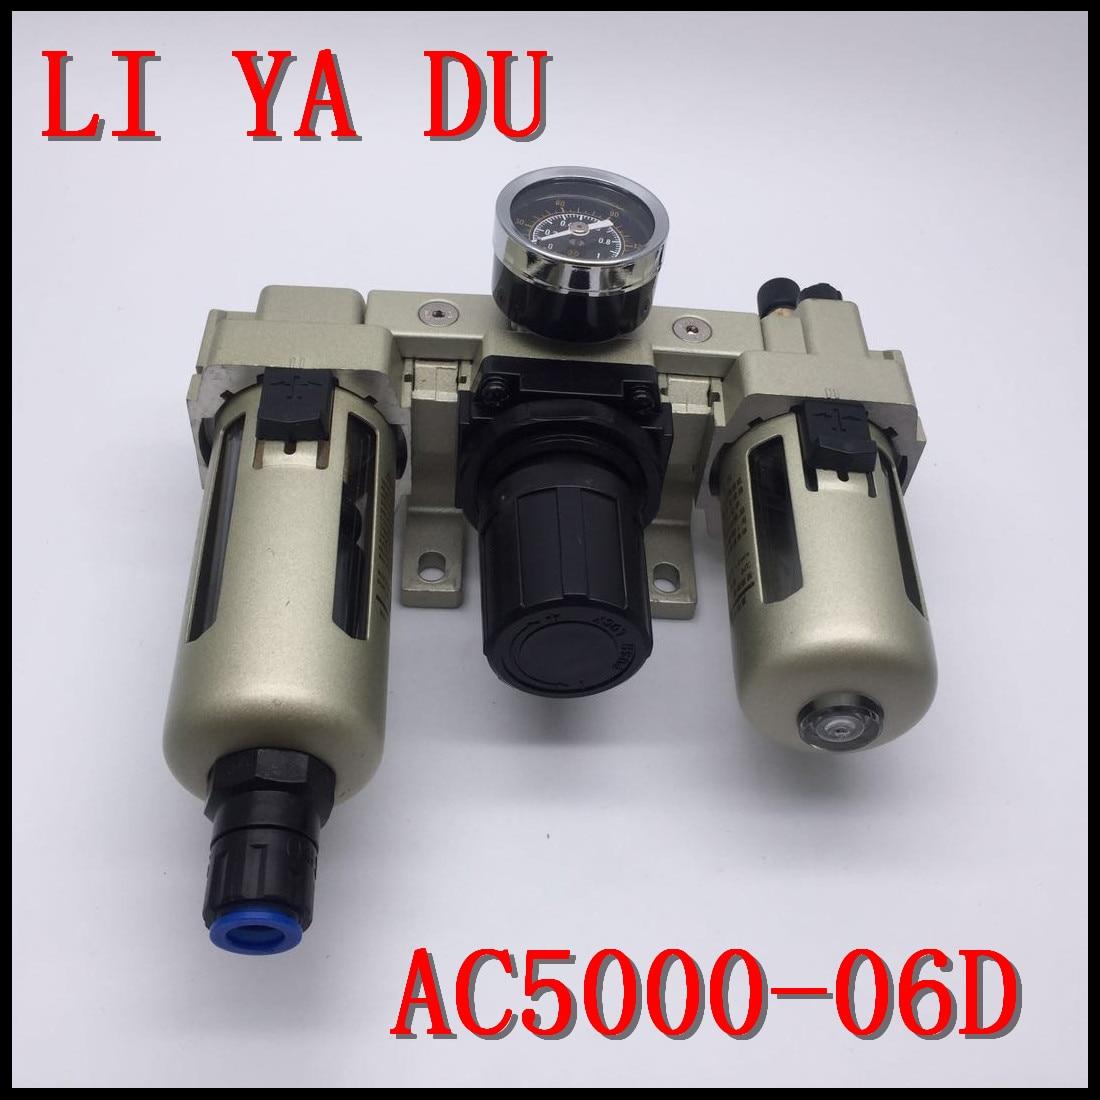 AC5000-06D G3/4 pièces Sanlian séparateur d'huile et d'eau filtre compresseur d'air réduire la soupape de régulation de pression vidange automatique